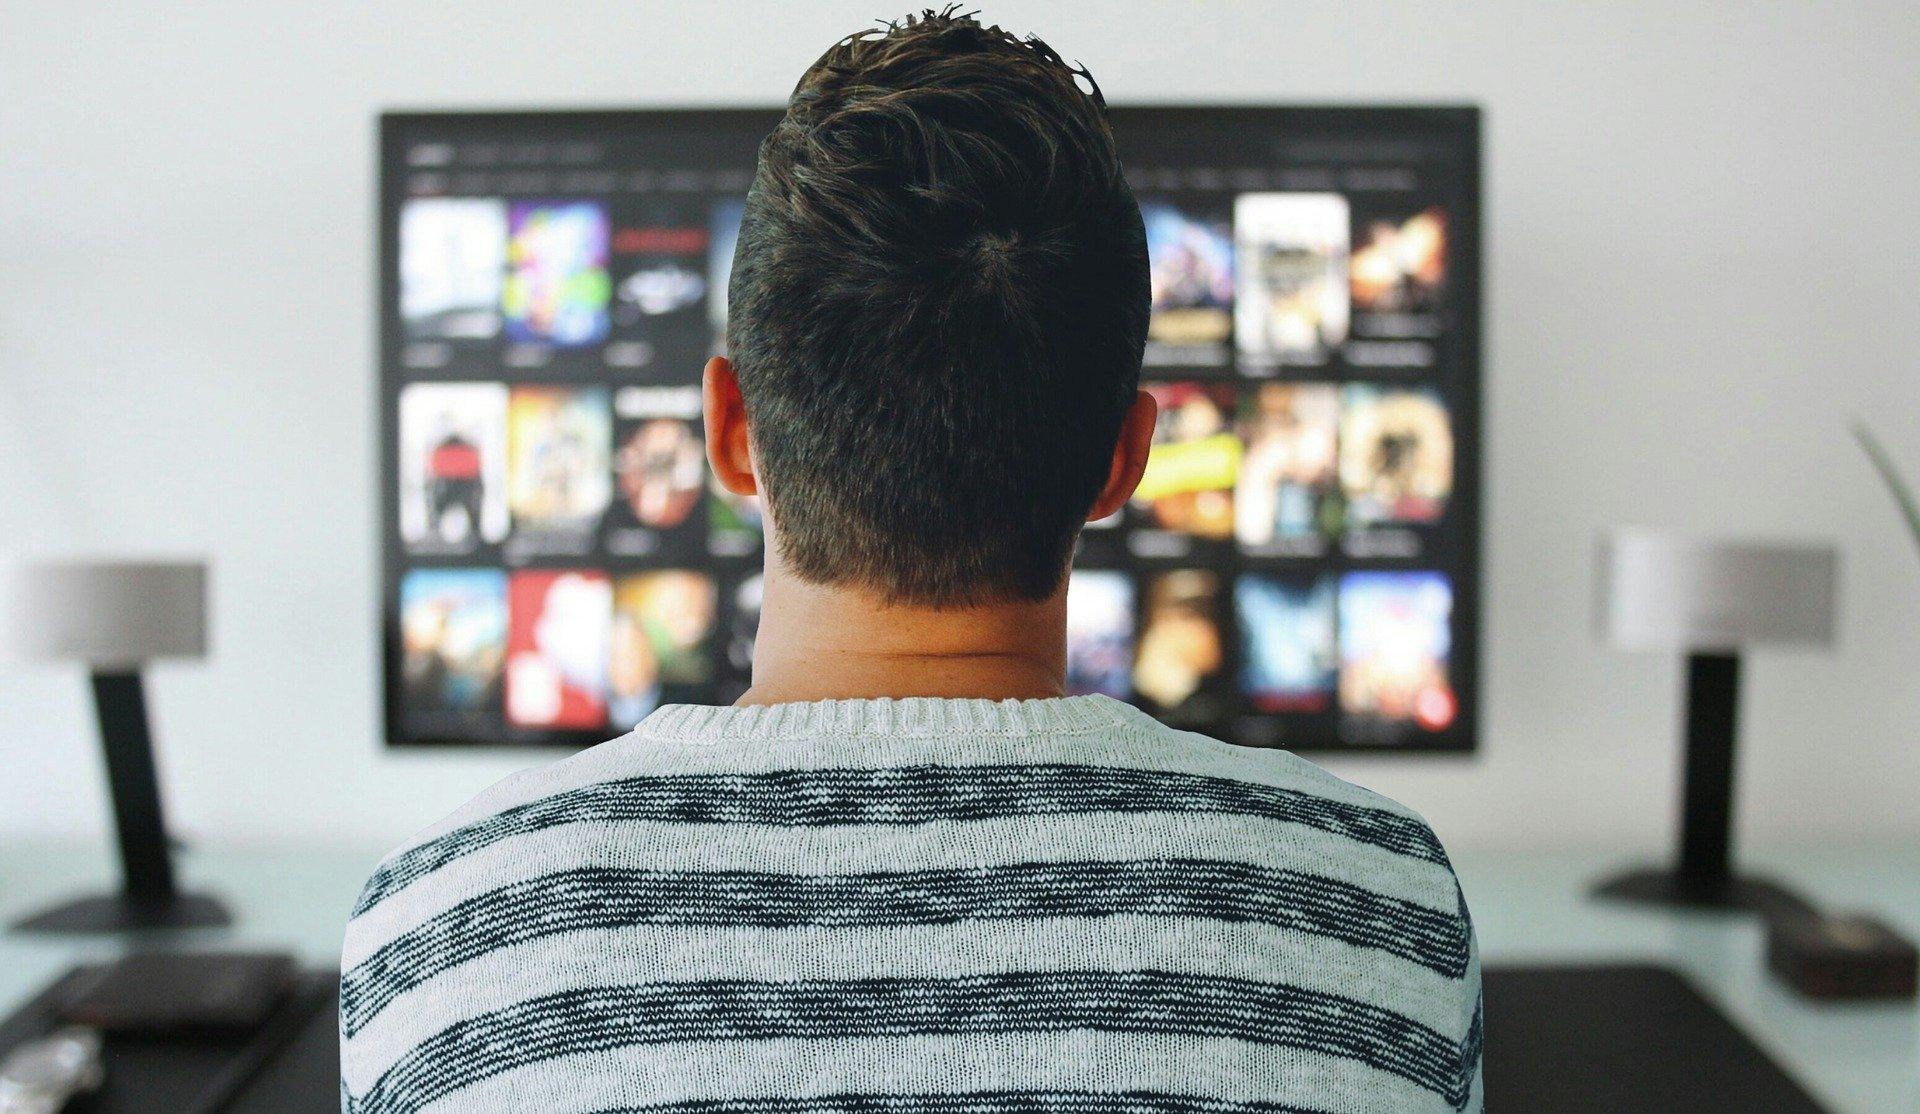 televisio netflix - pixabay